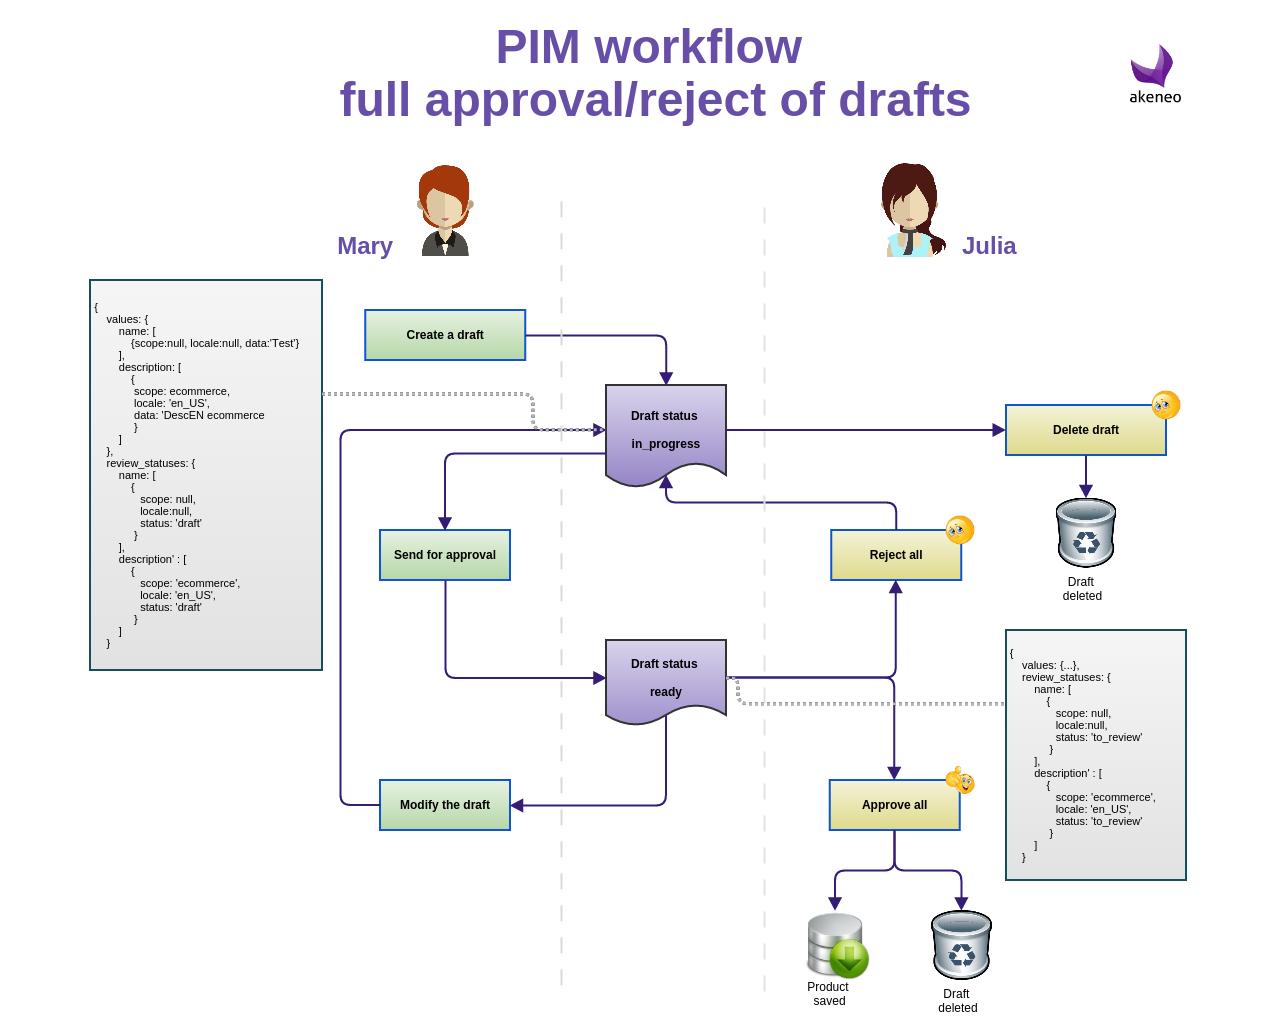 Simple Workflow Akeneo Pim Documentation